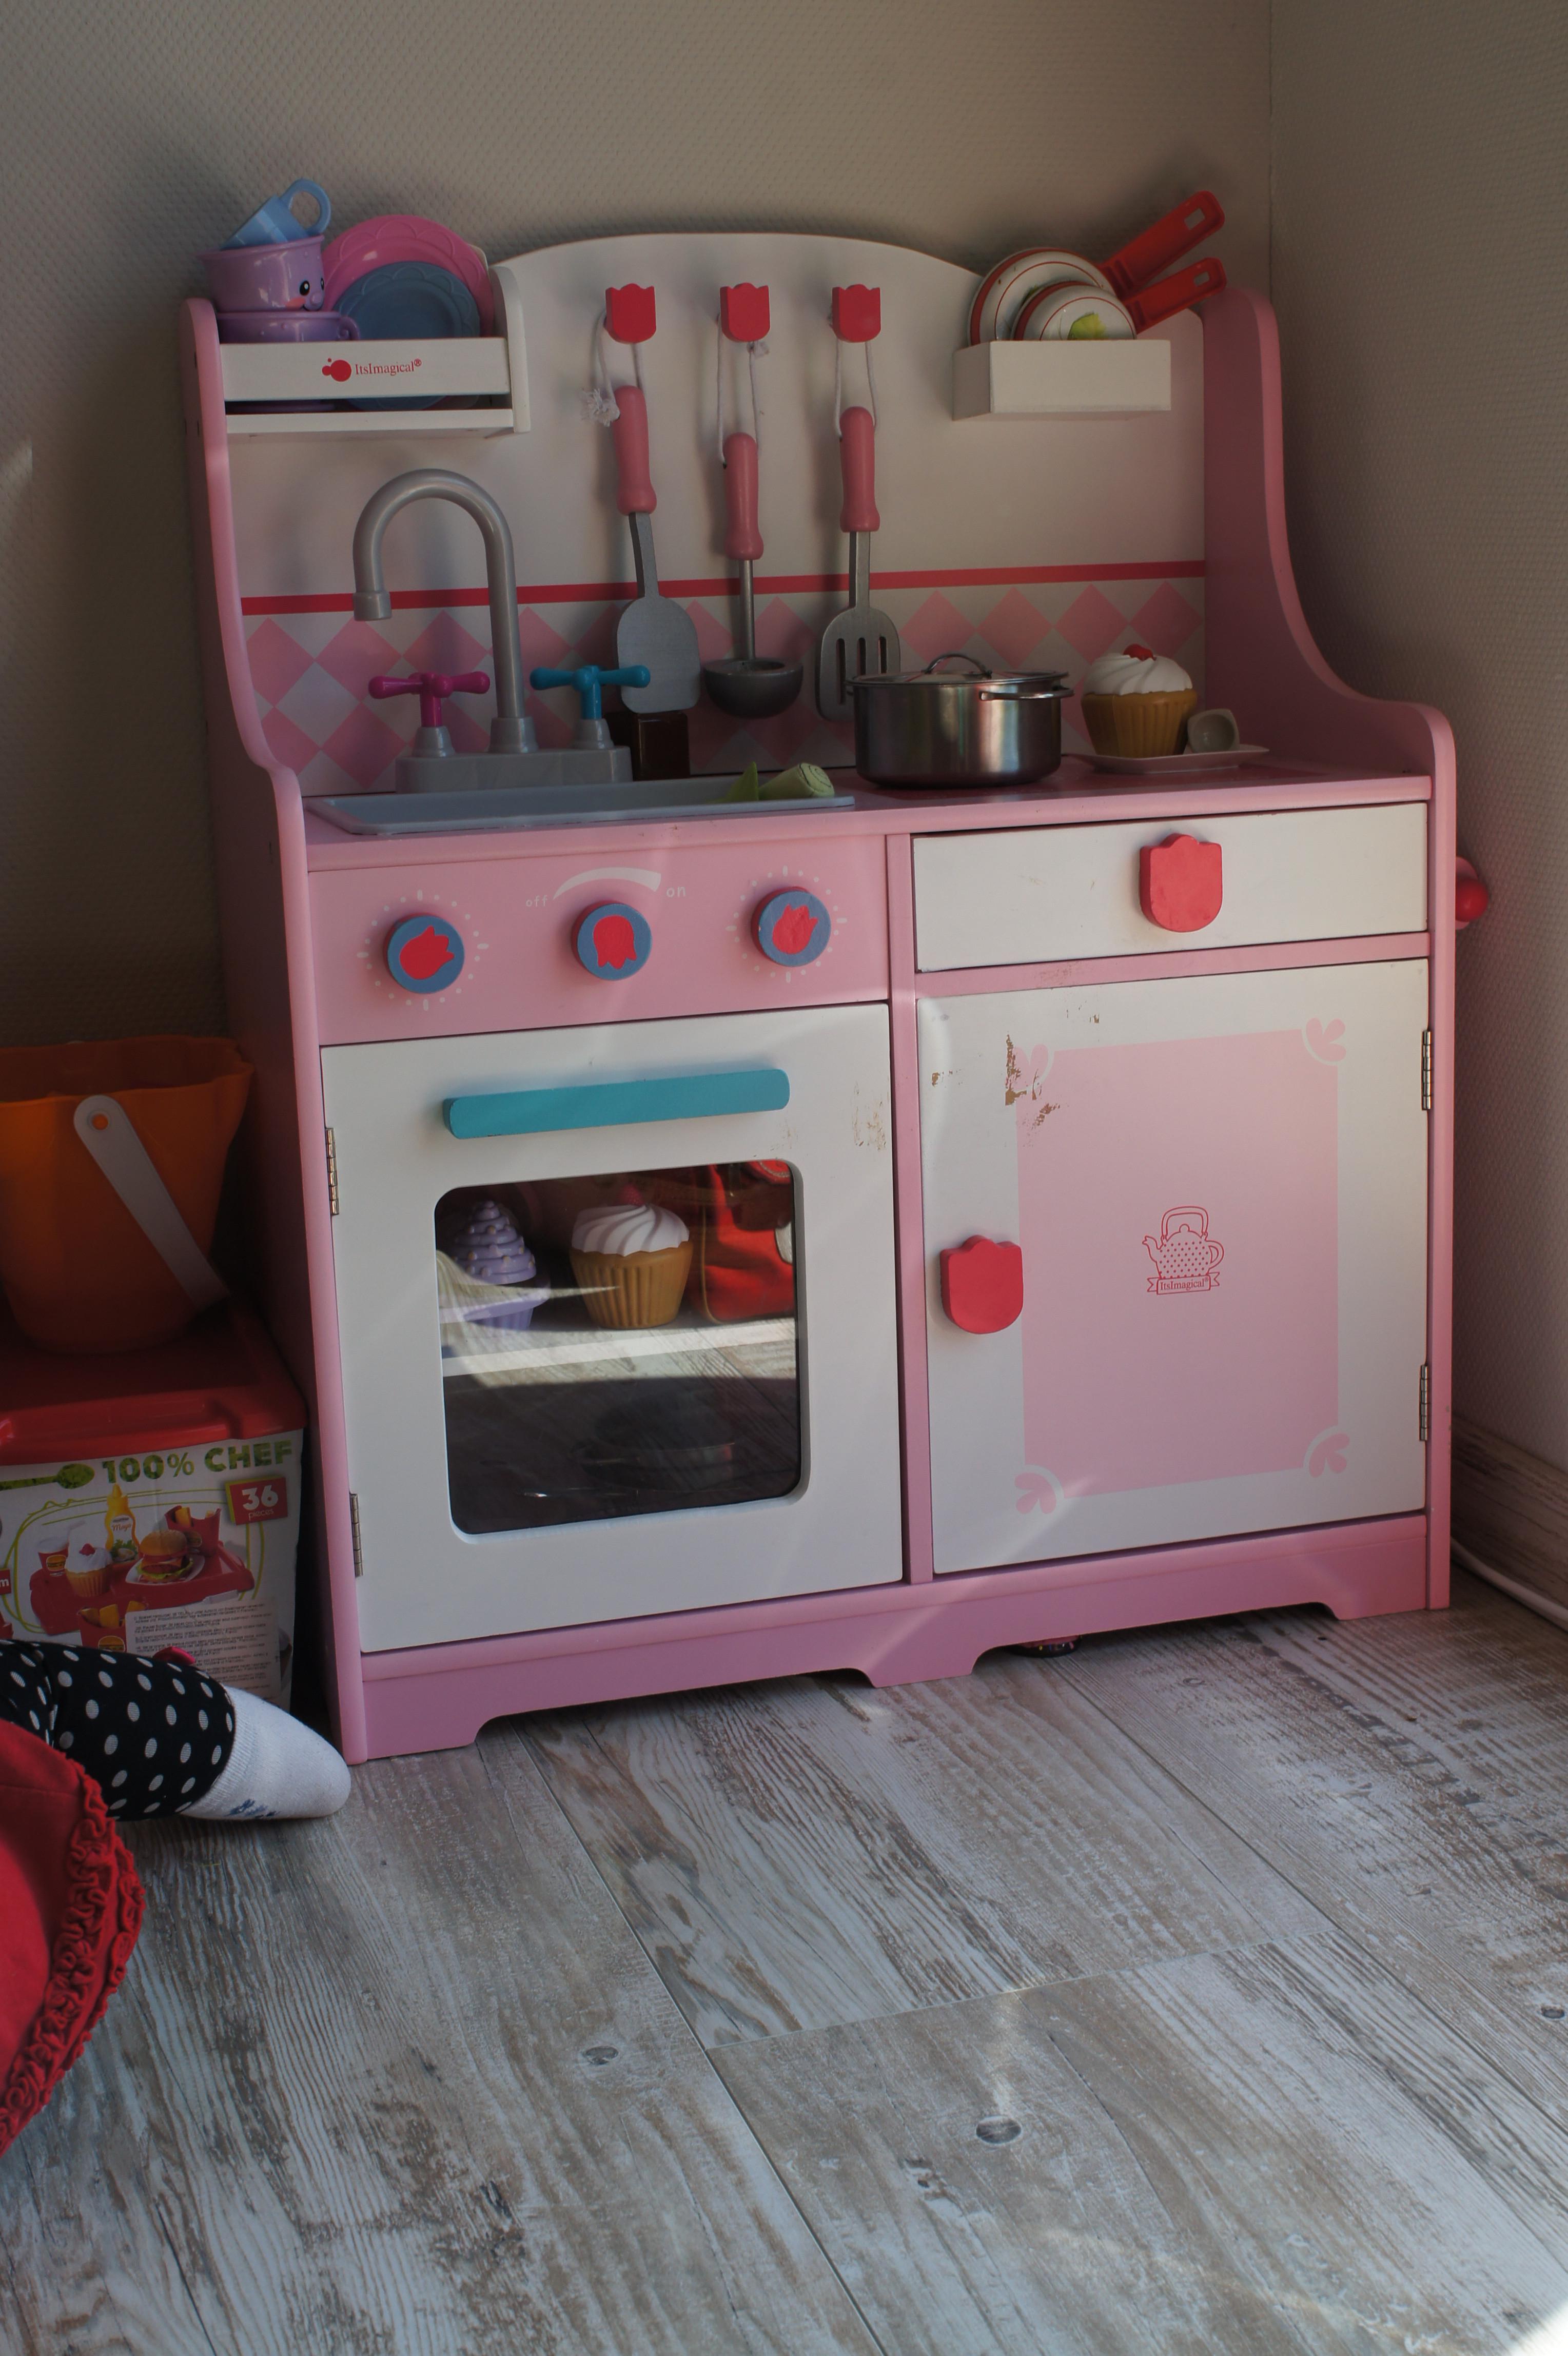 Fabriquer Cuisine Bois Enfant Luxe Image Fabriquer Cuisine Bois Enfant 9728